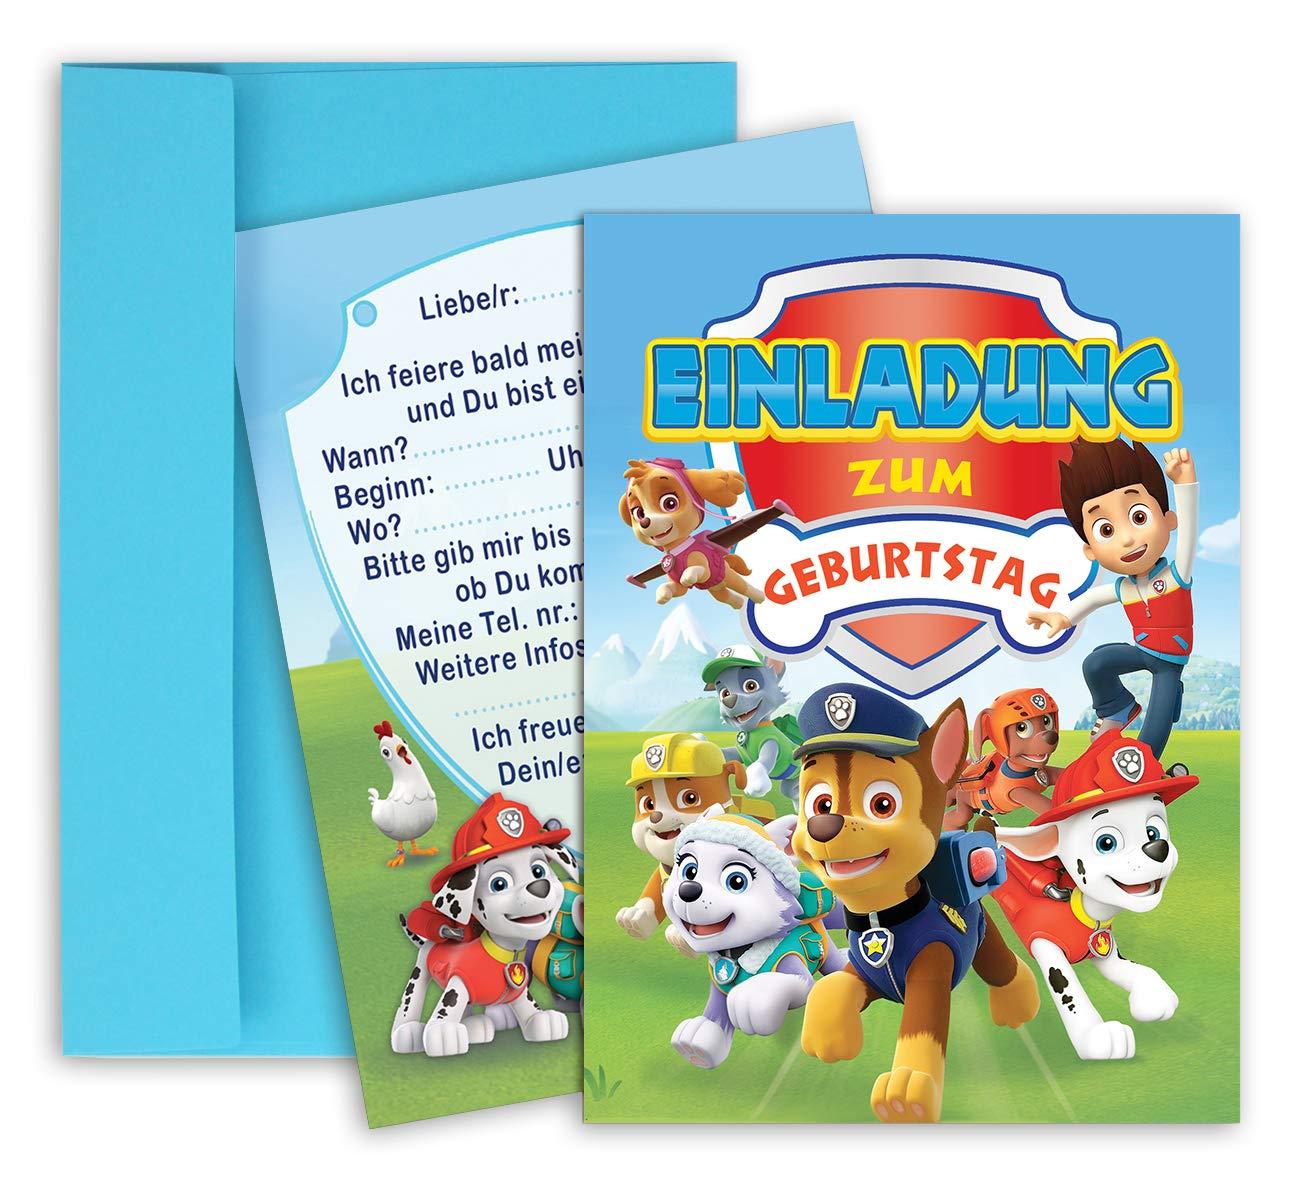 Partydekoration 8 Paw Patrol Hunde Kinder Geburtstag Party Einladungskarten Mit Umschlag Neu Mobel Wohnen Blowmind Com Br